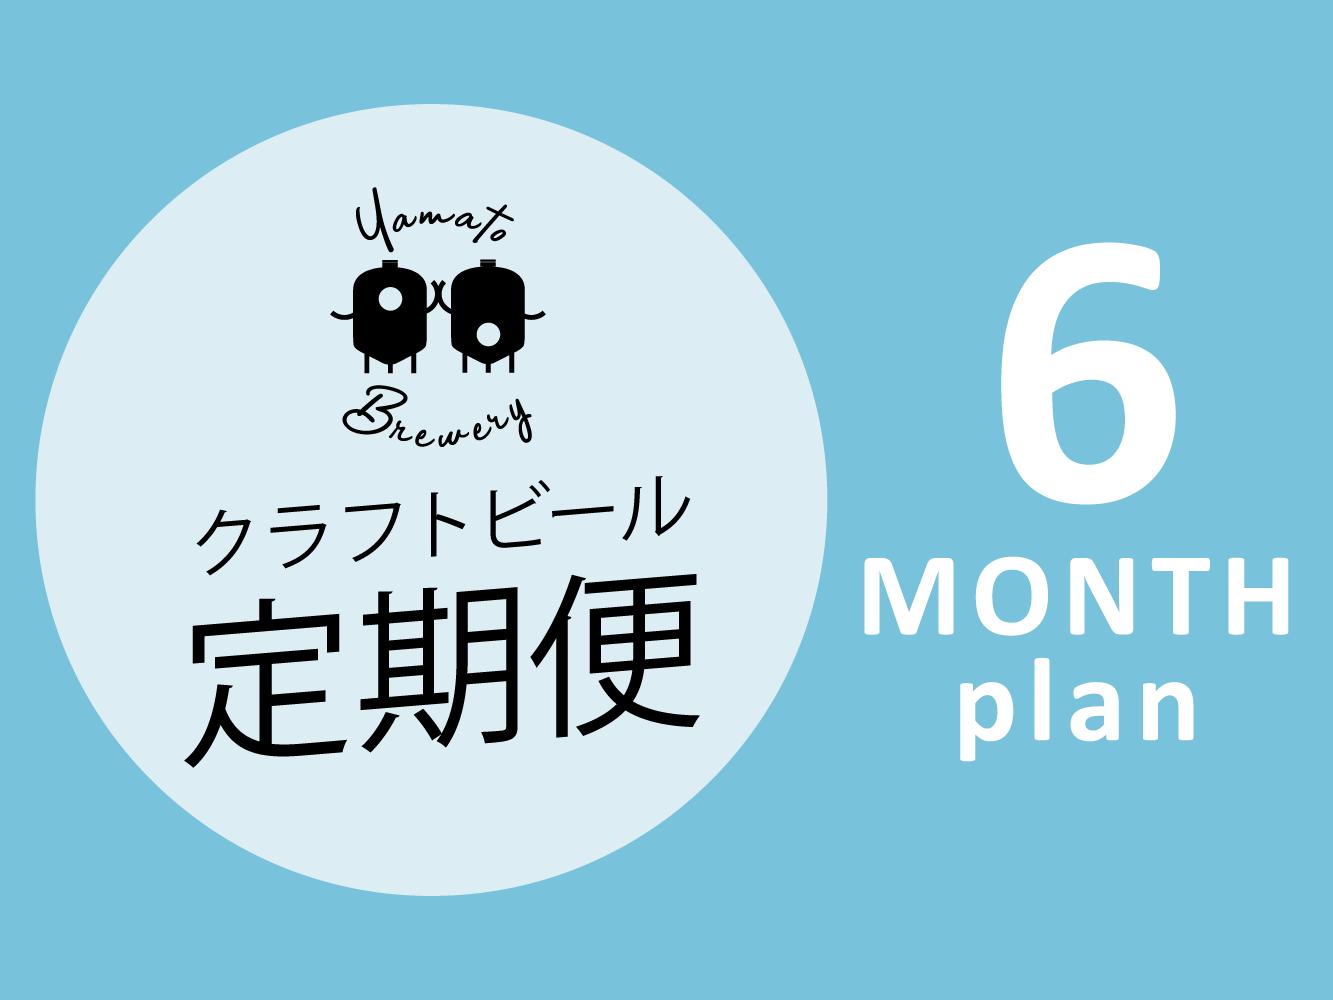 【定期購入】●クラフトビール定期便●6ヶ月プラン